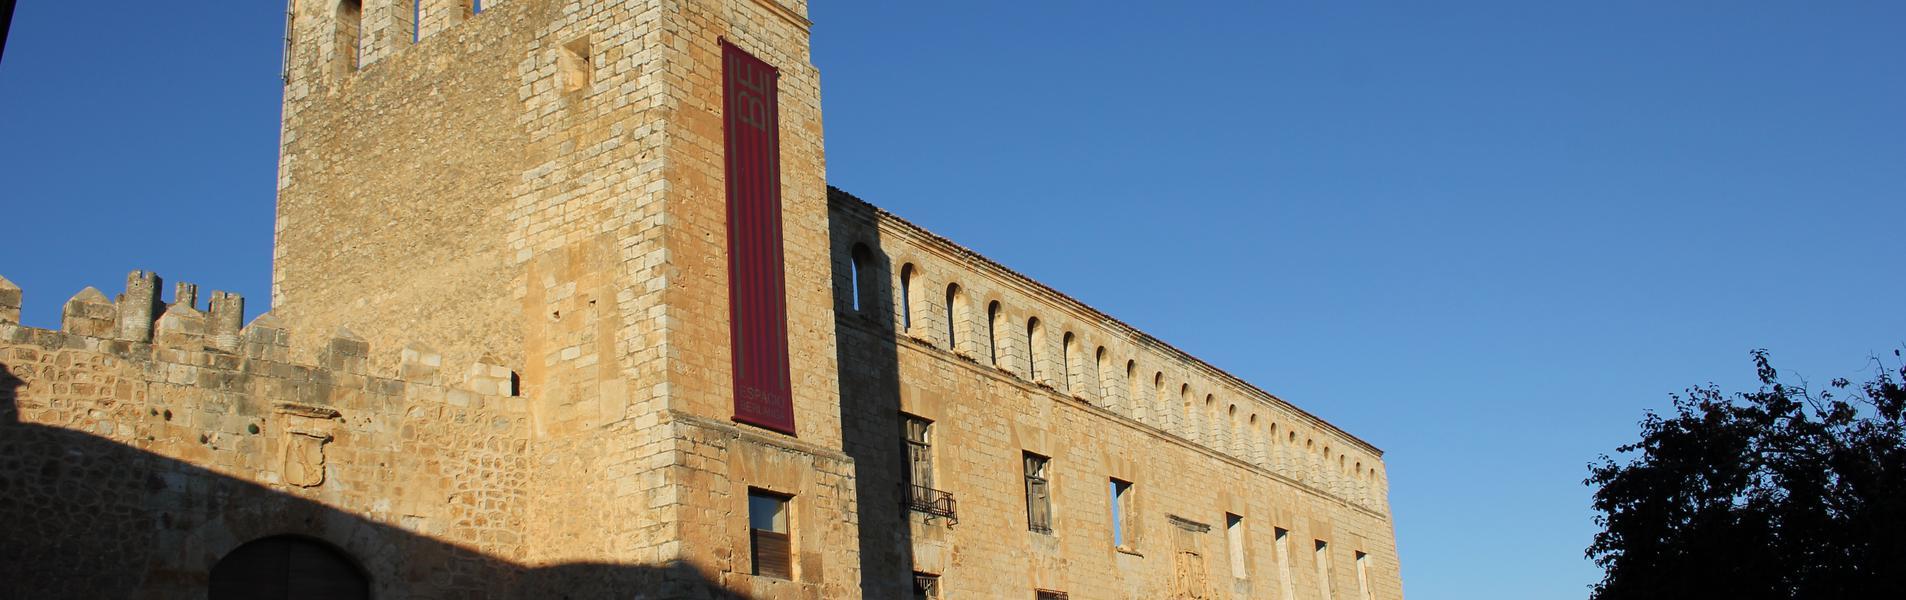 Palacio de los marqueses de Berlanga